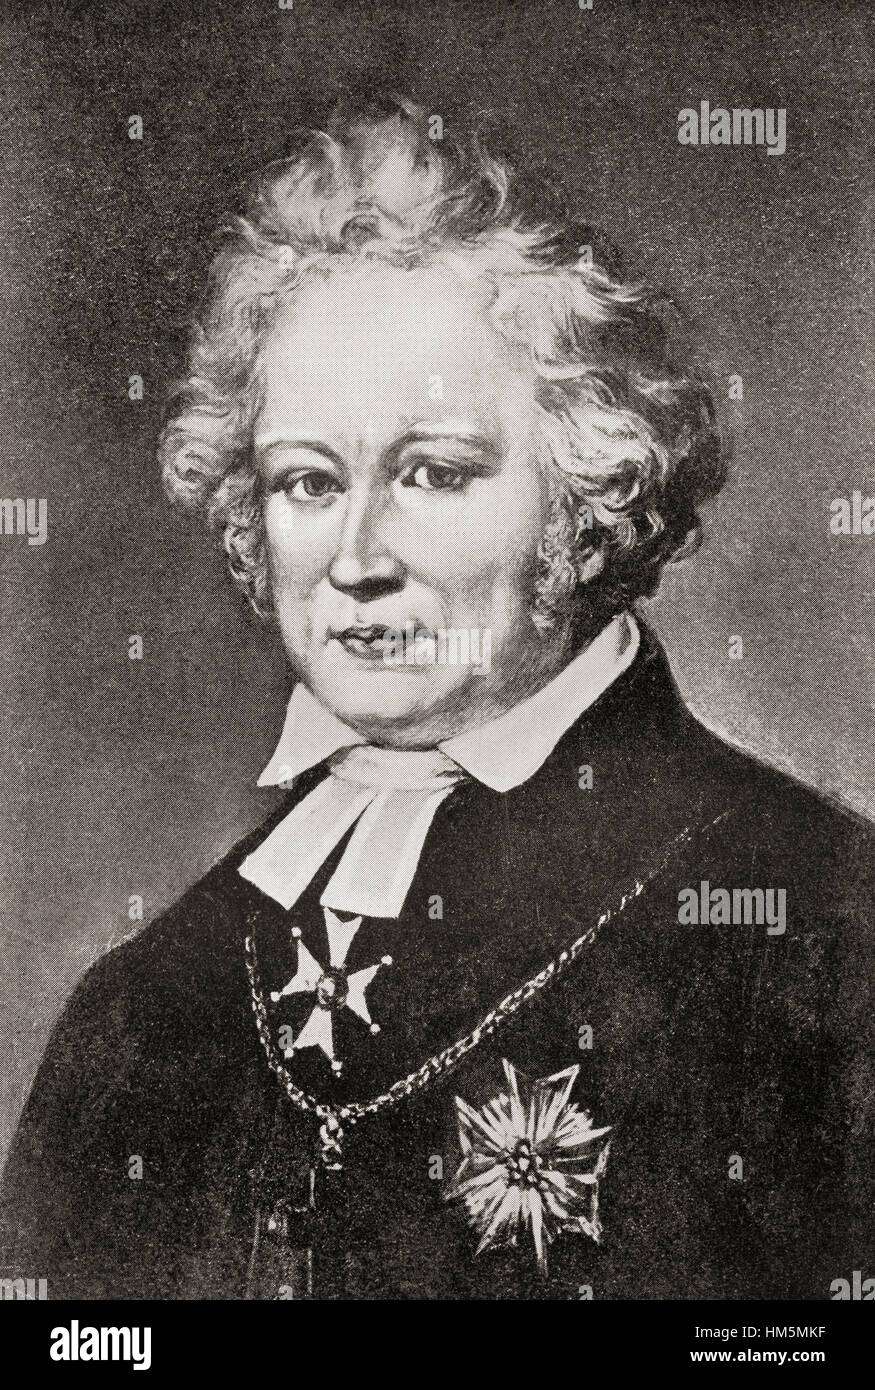 Esaias Tegnér, 1782 – 1846.  Swedish writer, professor of Greek language, and bishop. - Stock Image